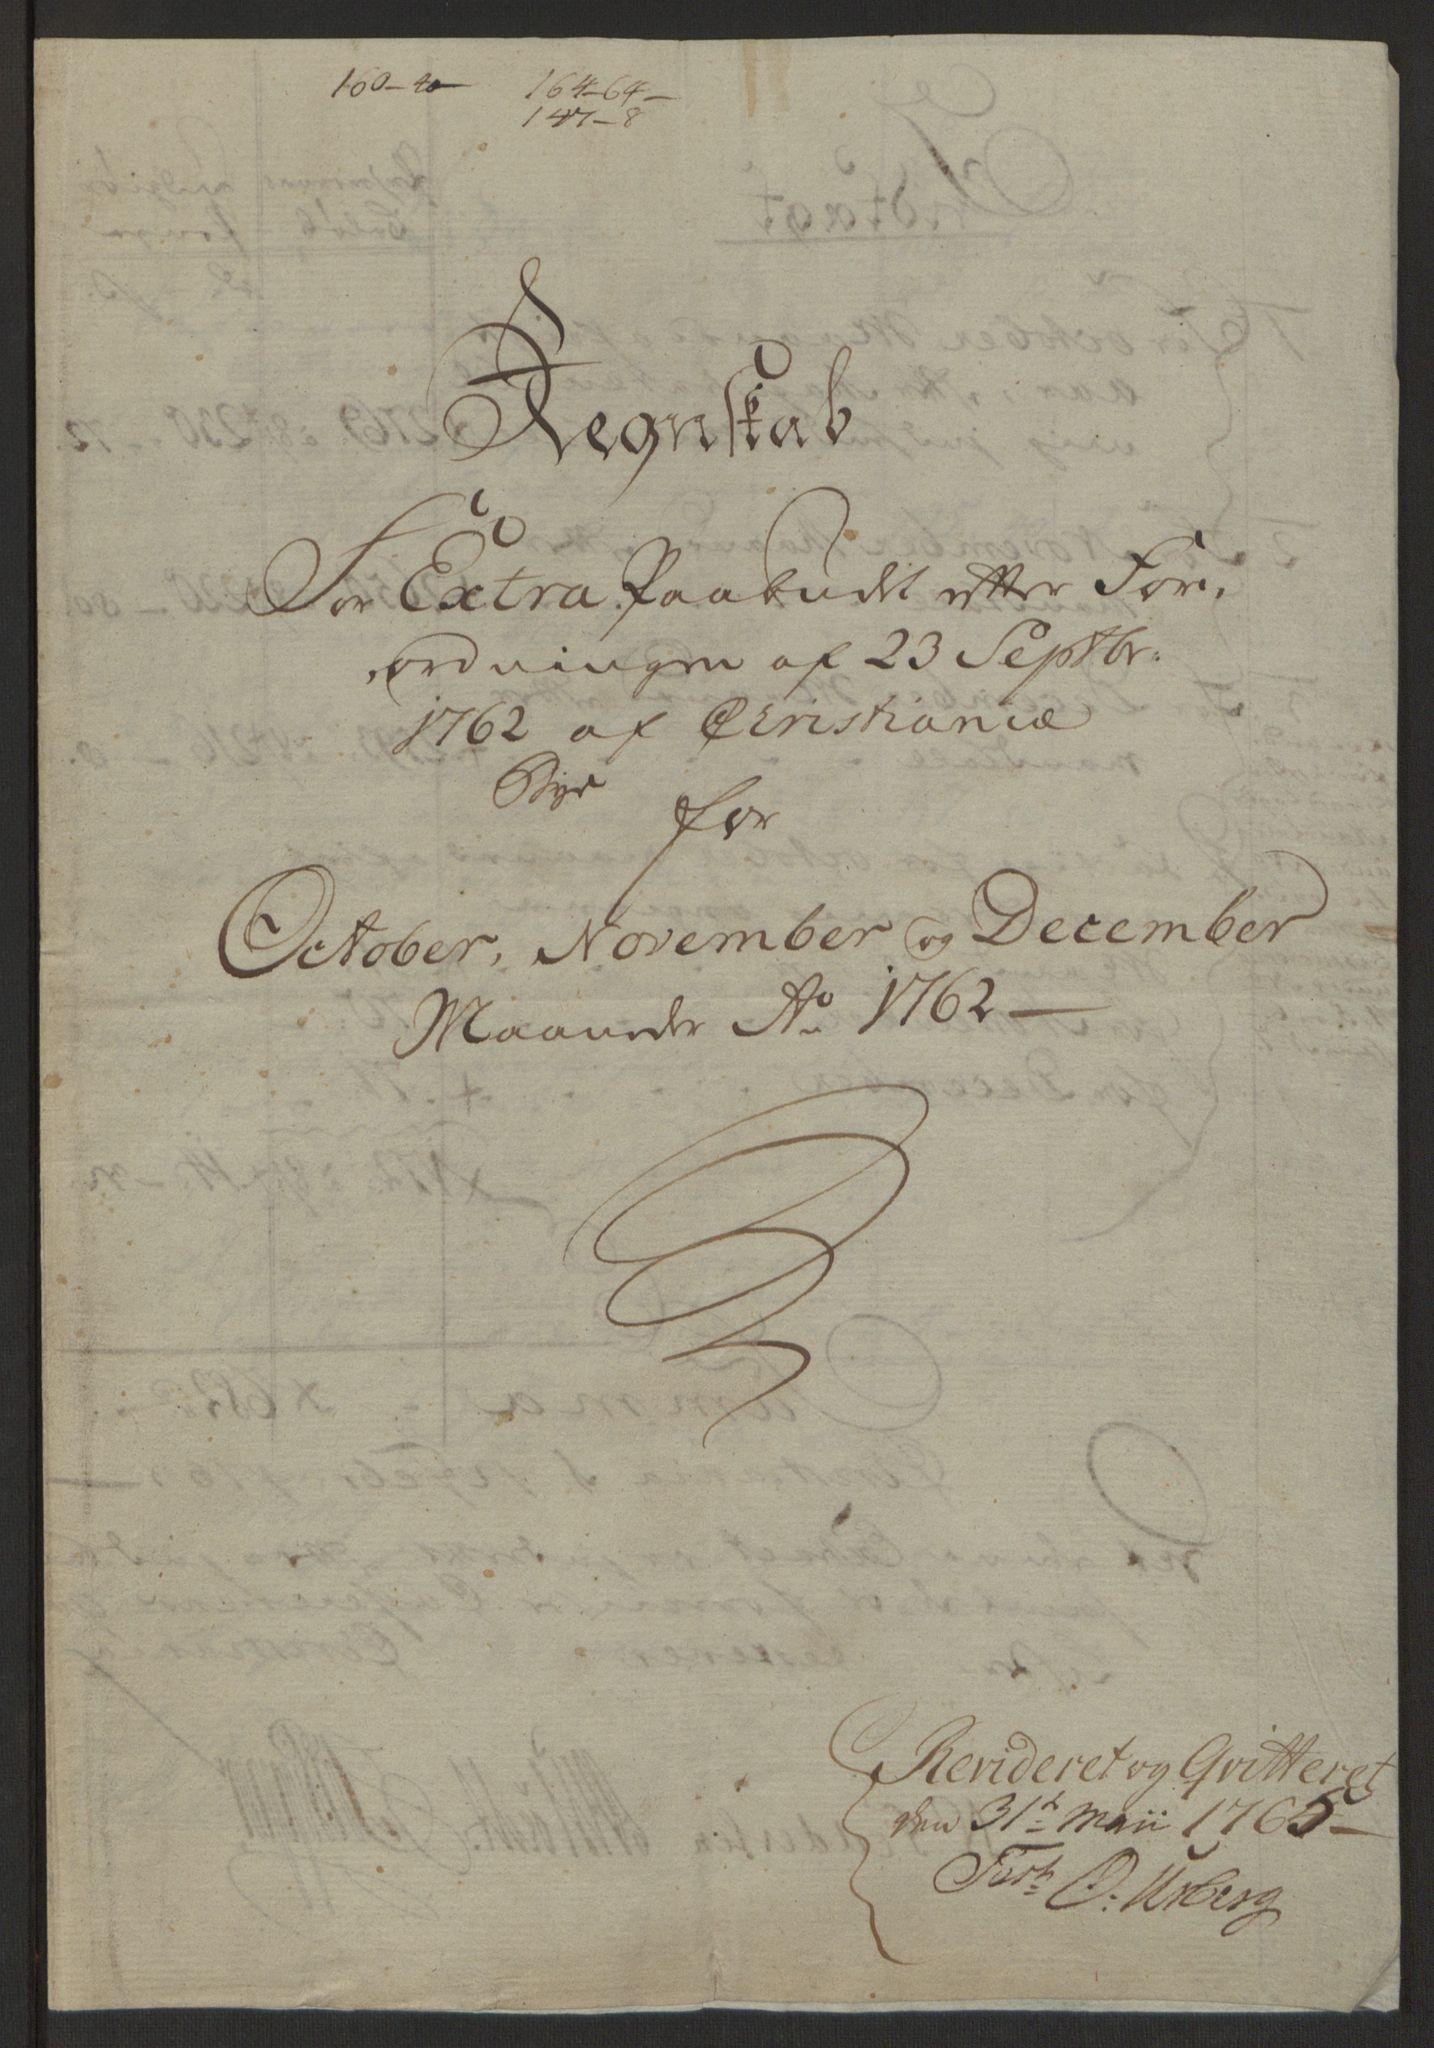 RA, Rentekammeret inntil 1814, Reviderte regnskaper, Byregnskaper, R/Re/L0071: [E13] Kontribusjonsregnskap, 1762, s. 5